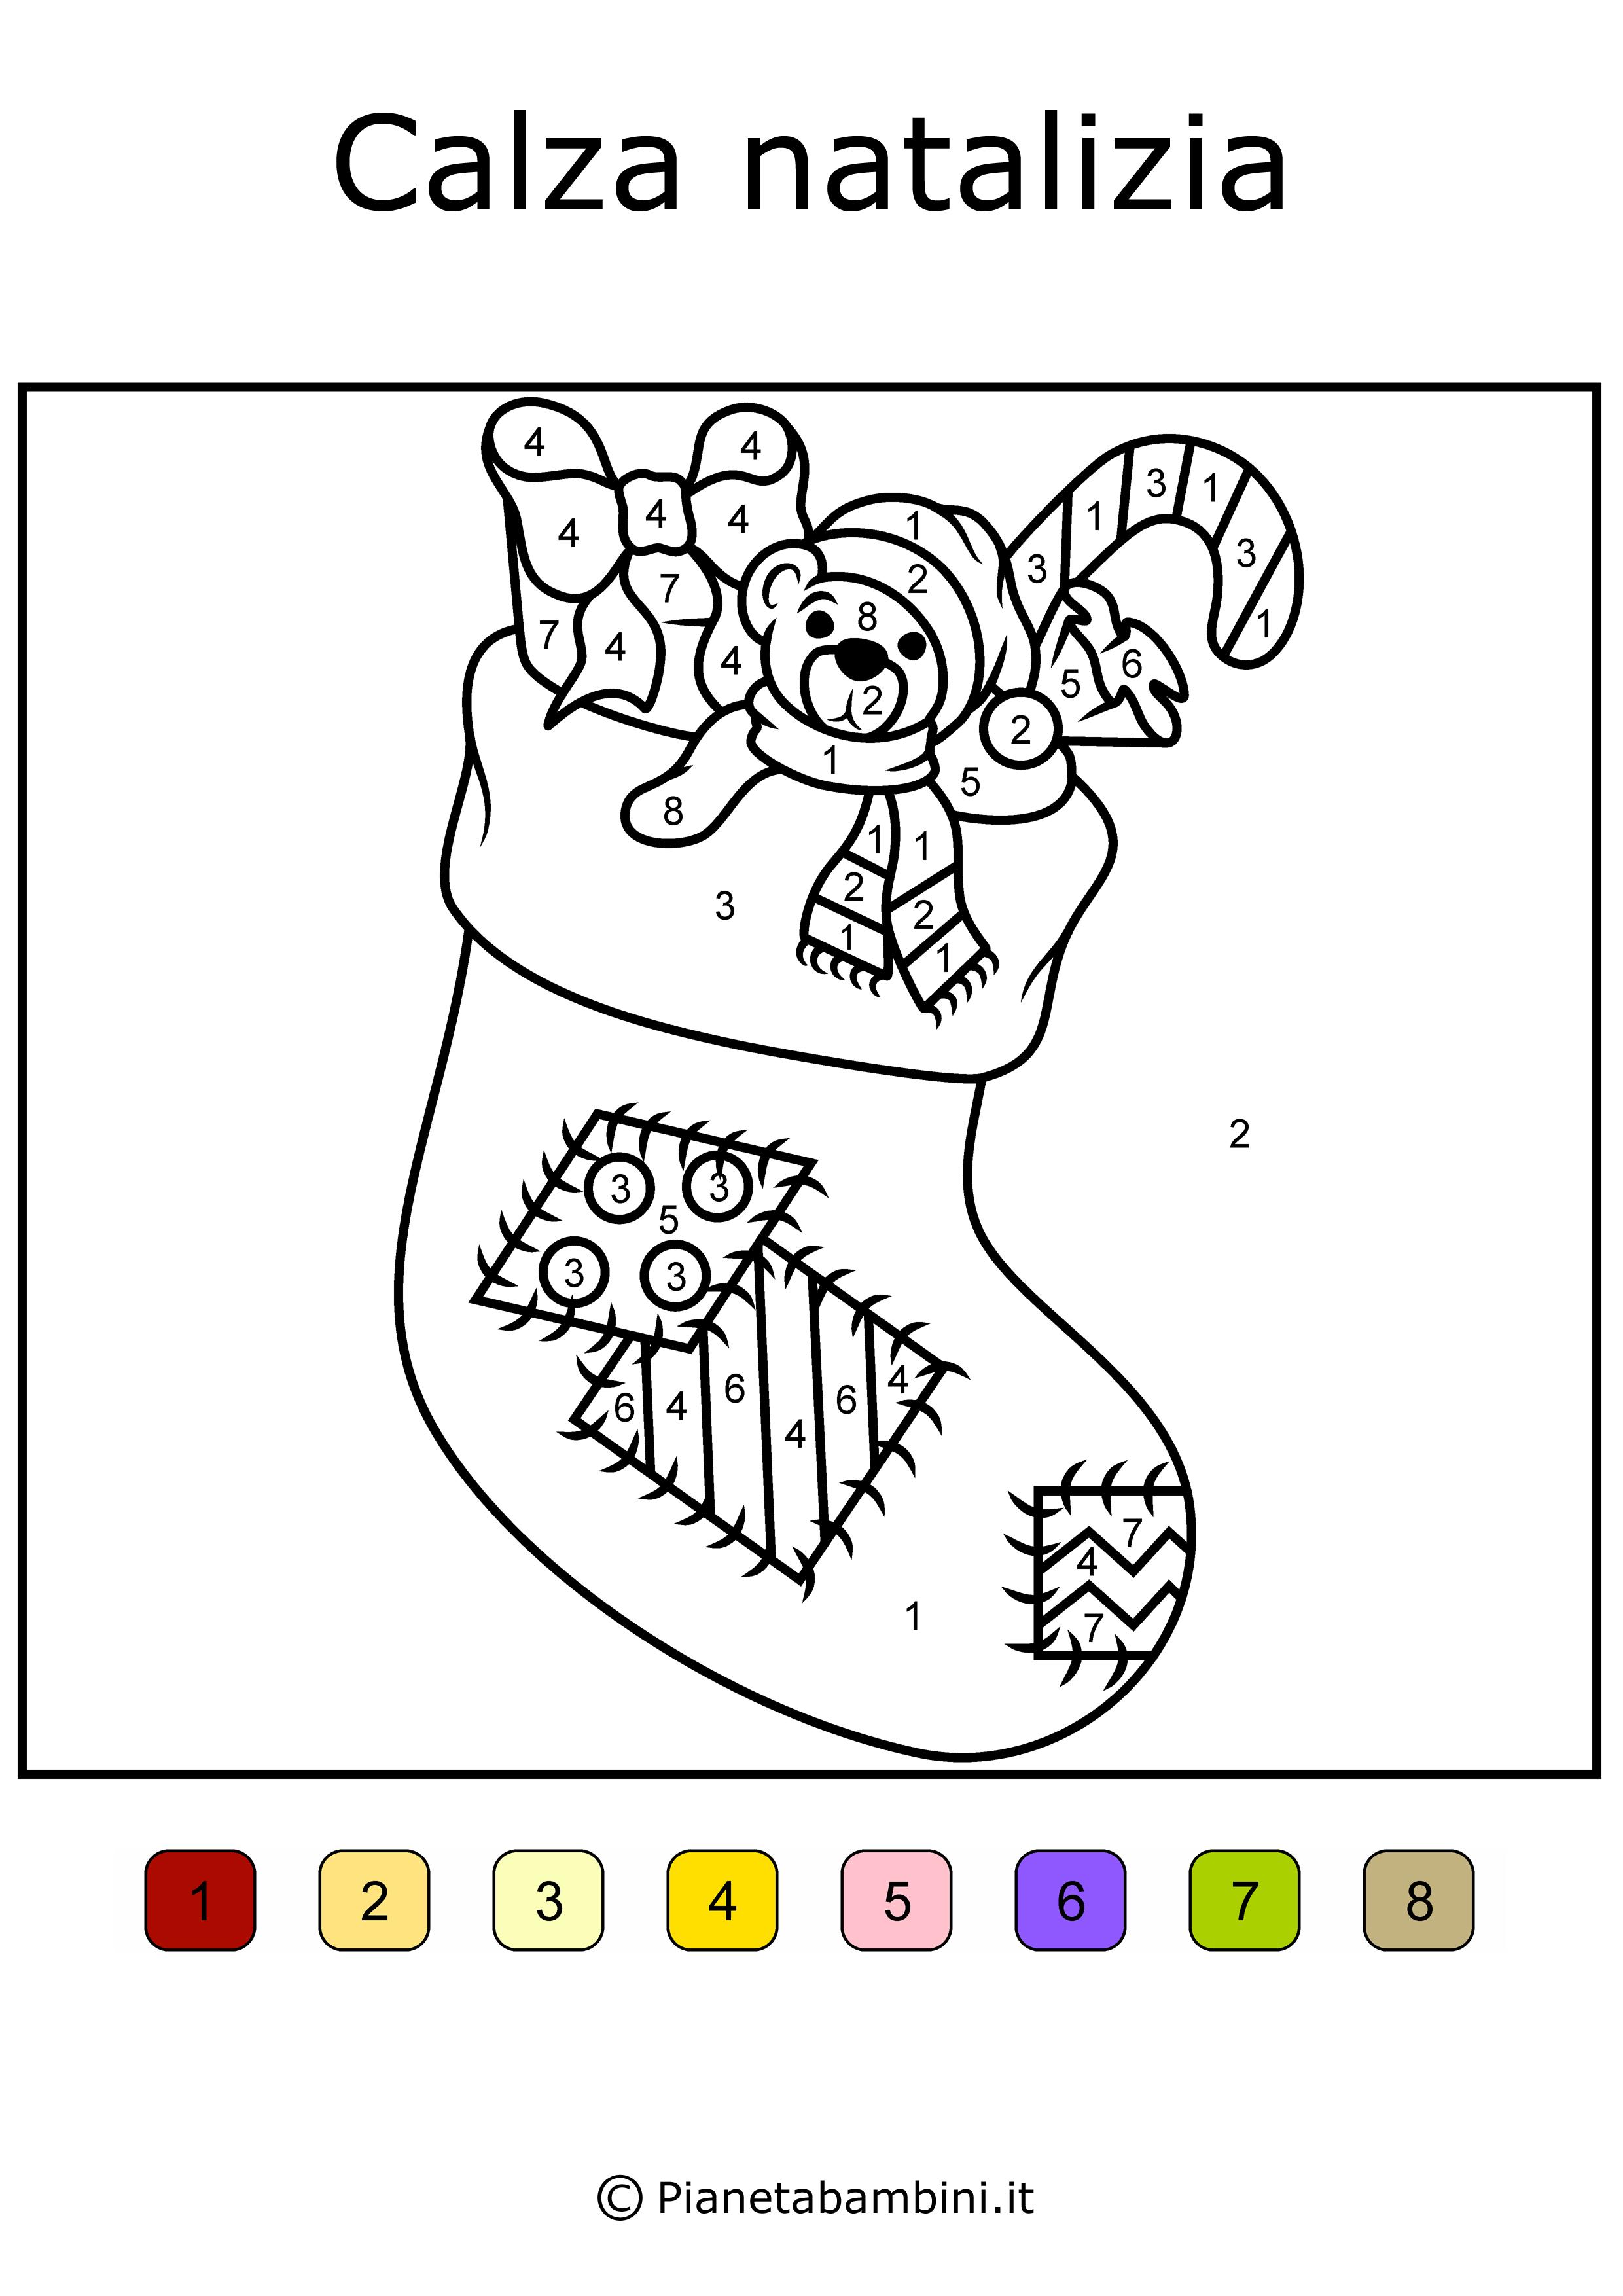 Conta-e-Colora-Semplice-Calza-Natalizia